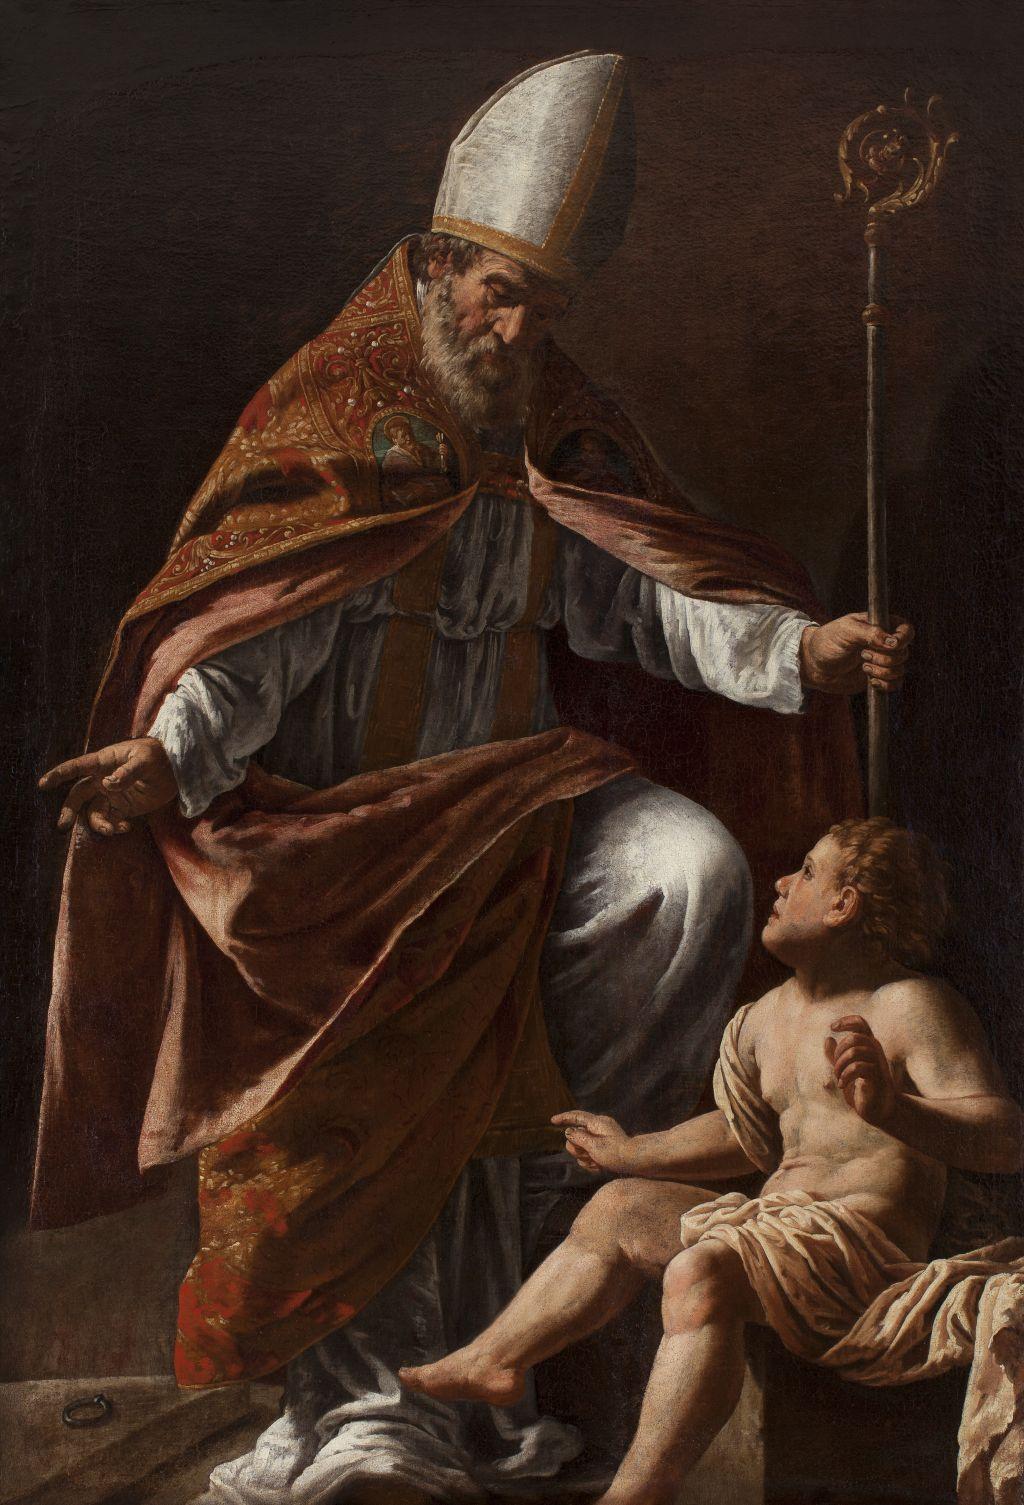 Sant Agustí, Marcantonio Bassetti